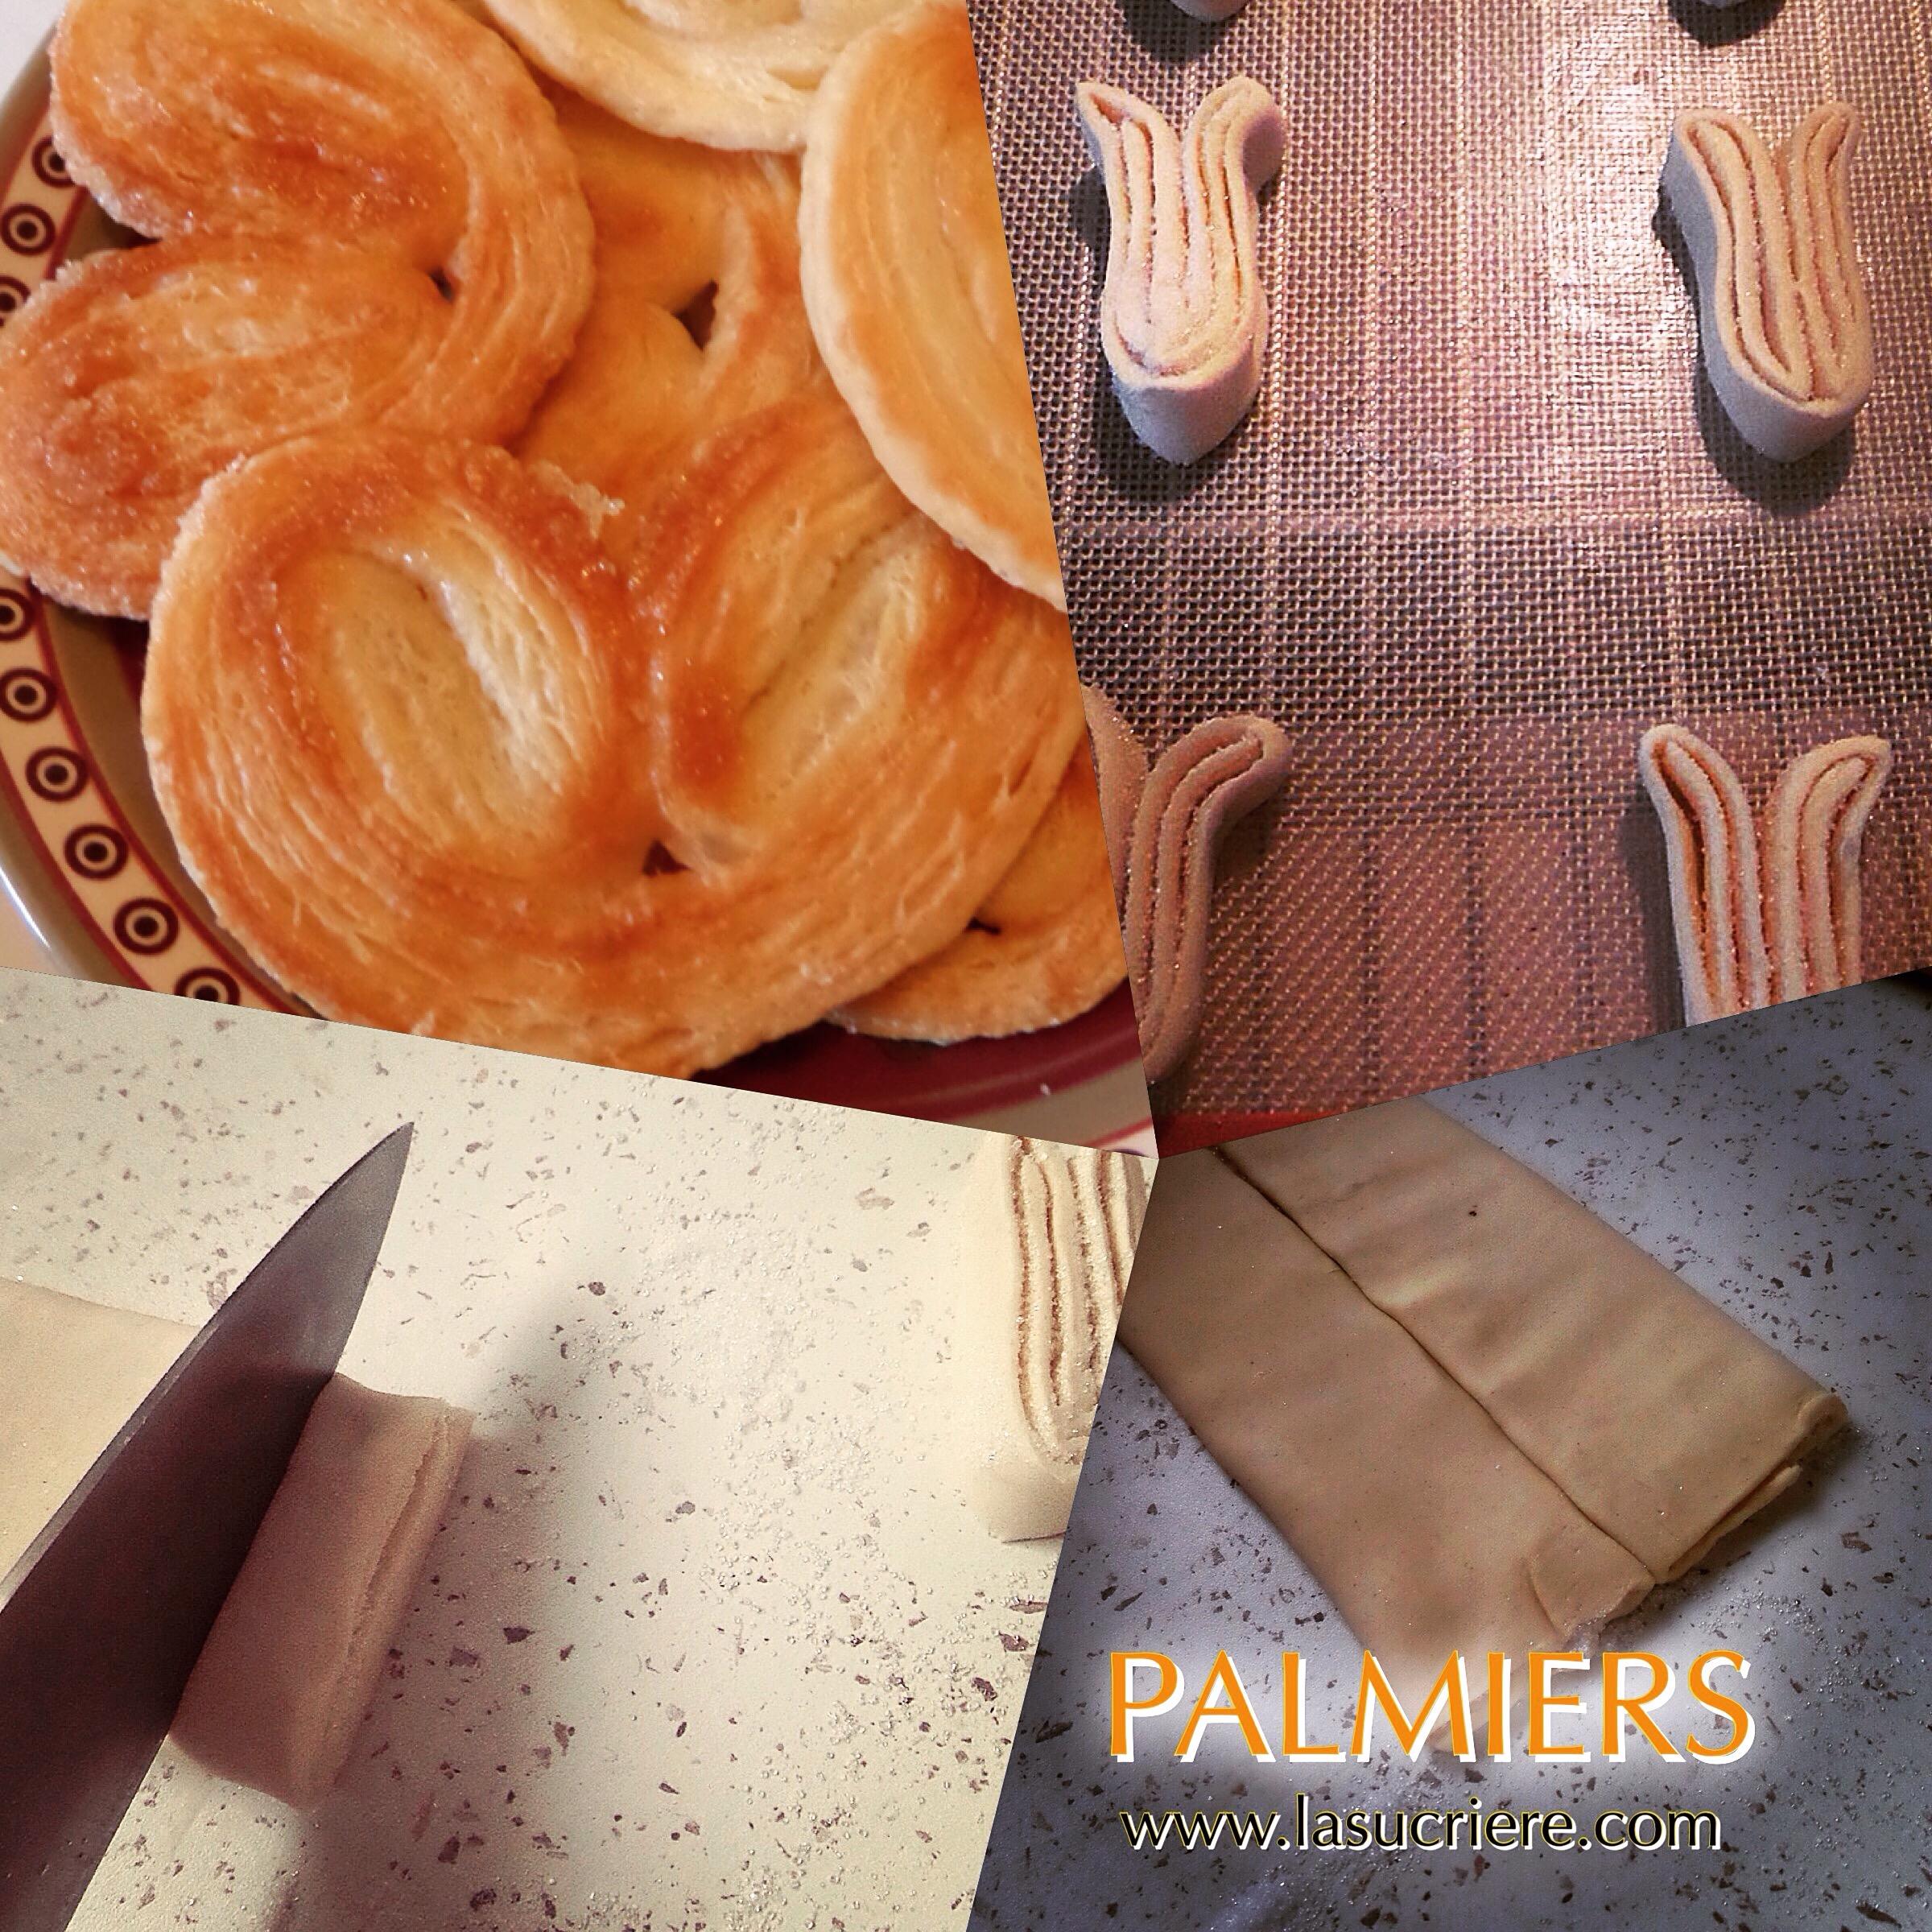 palmiers cours de pâtisserie gironde